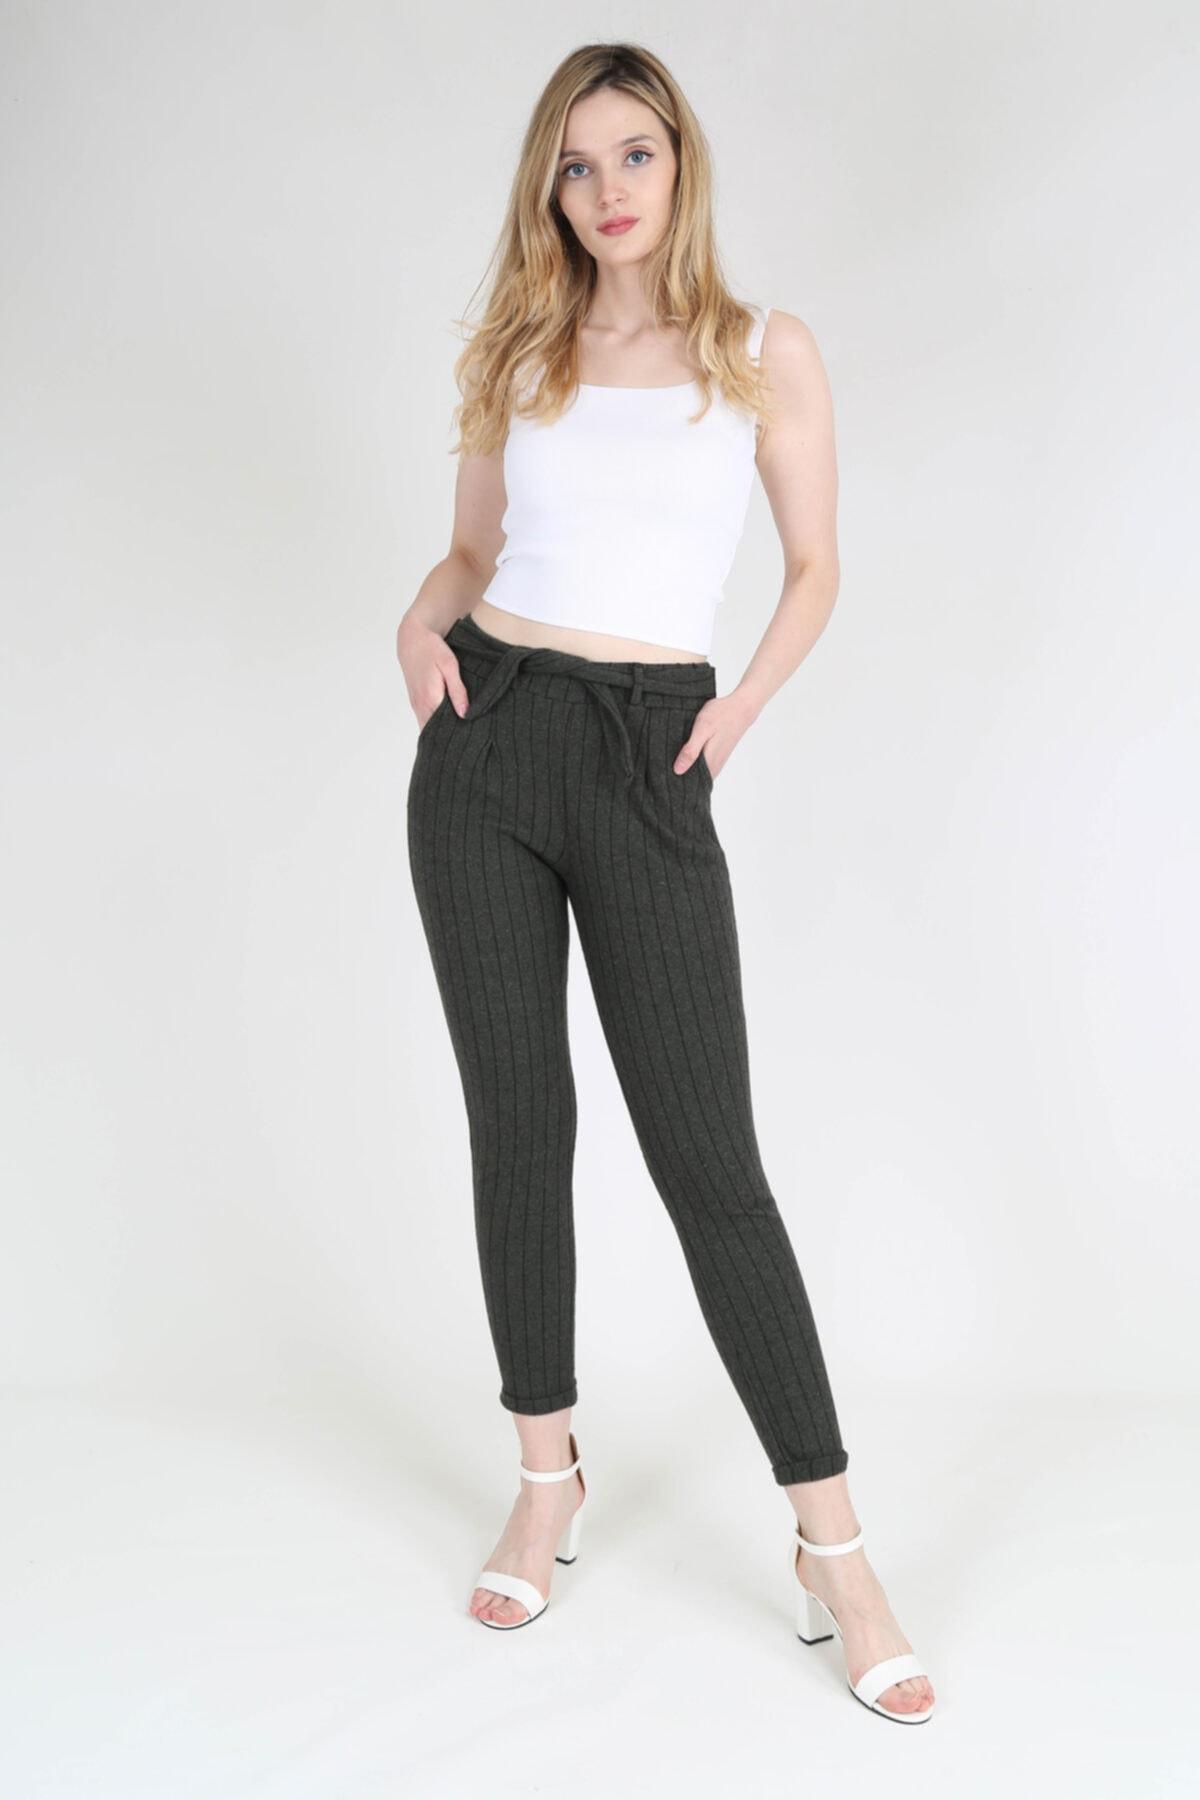 rubbyrush Kadın Haki Çizgili Pantolon Rb0133 1